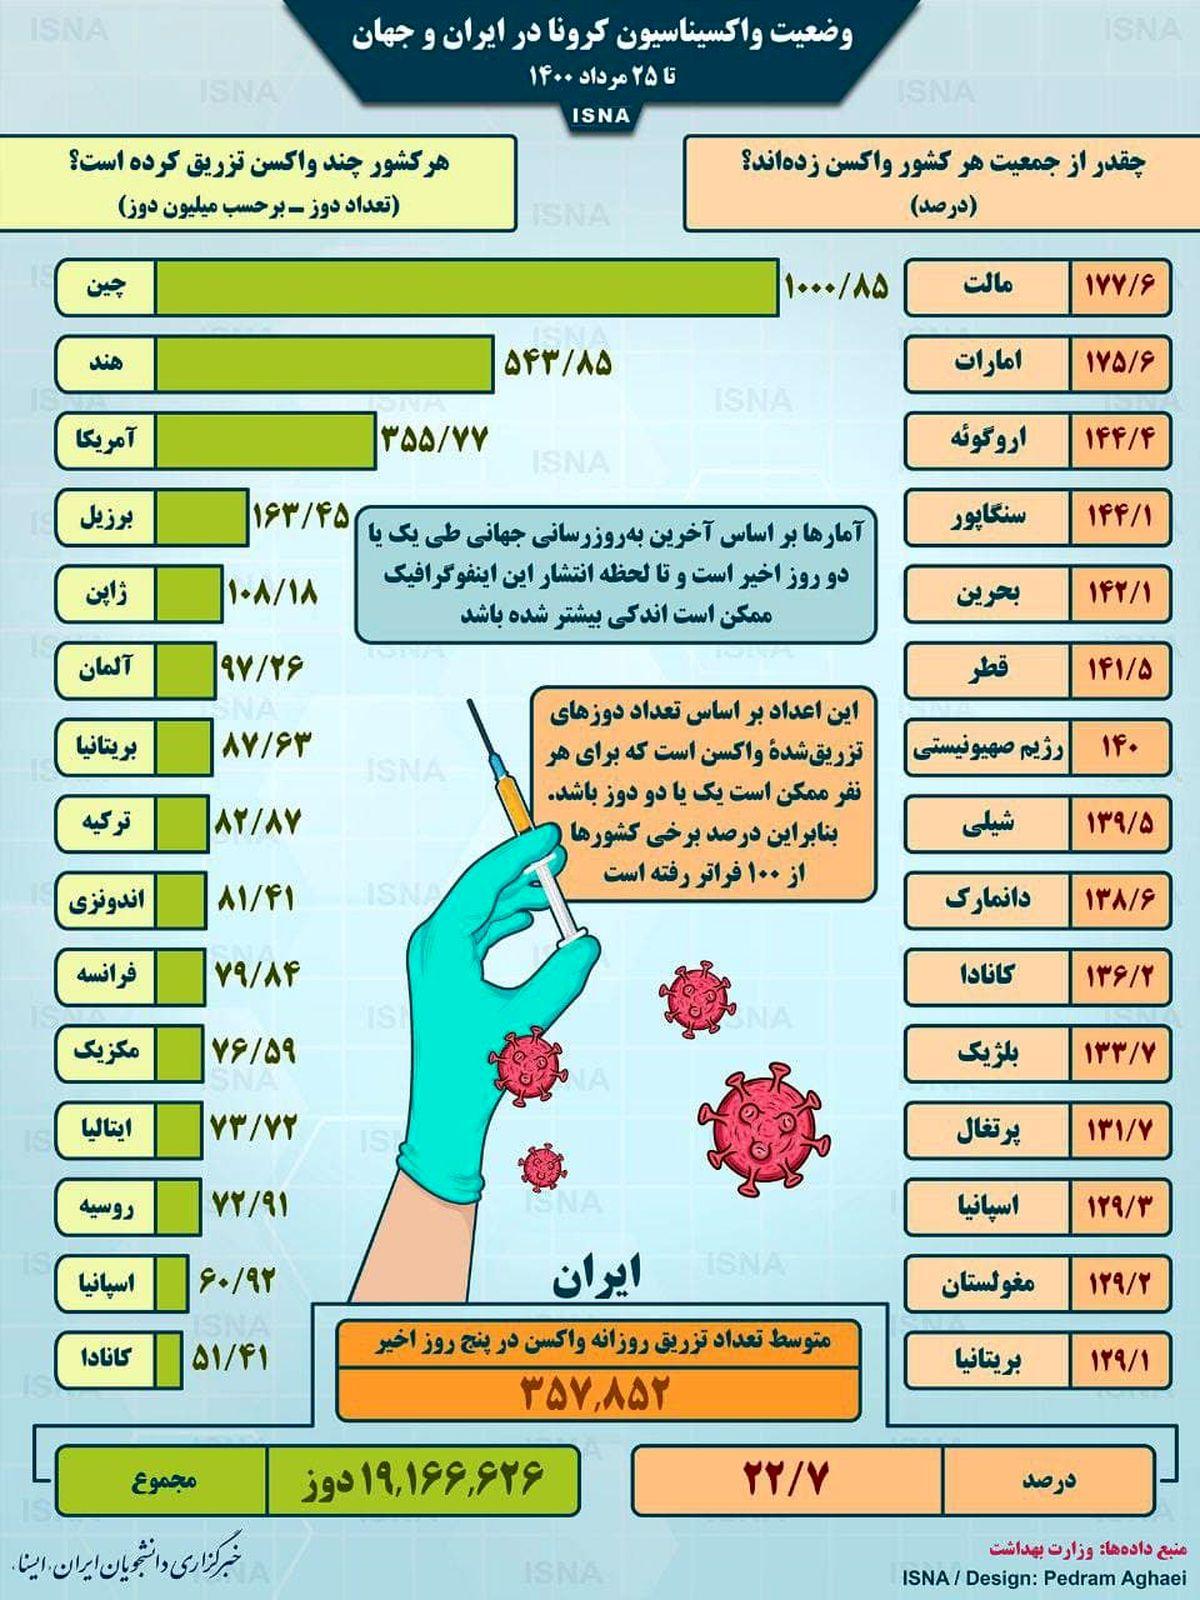 تا امروز چند درصد مردم واکسینه شده اند؟| وضعیت واکسیناسیون کرونا در ایران و جهان